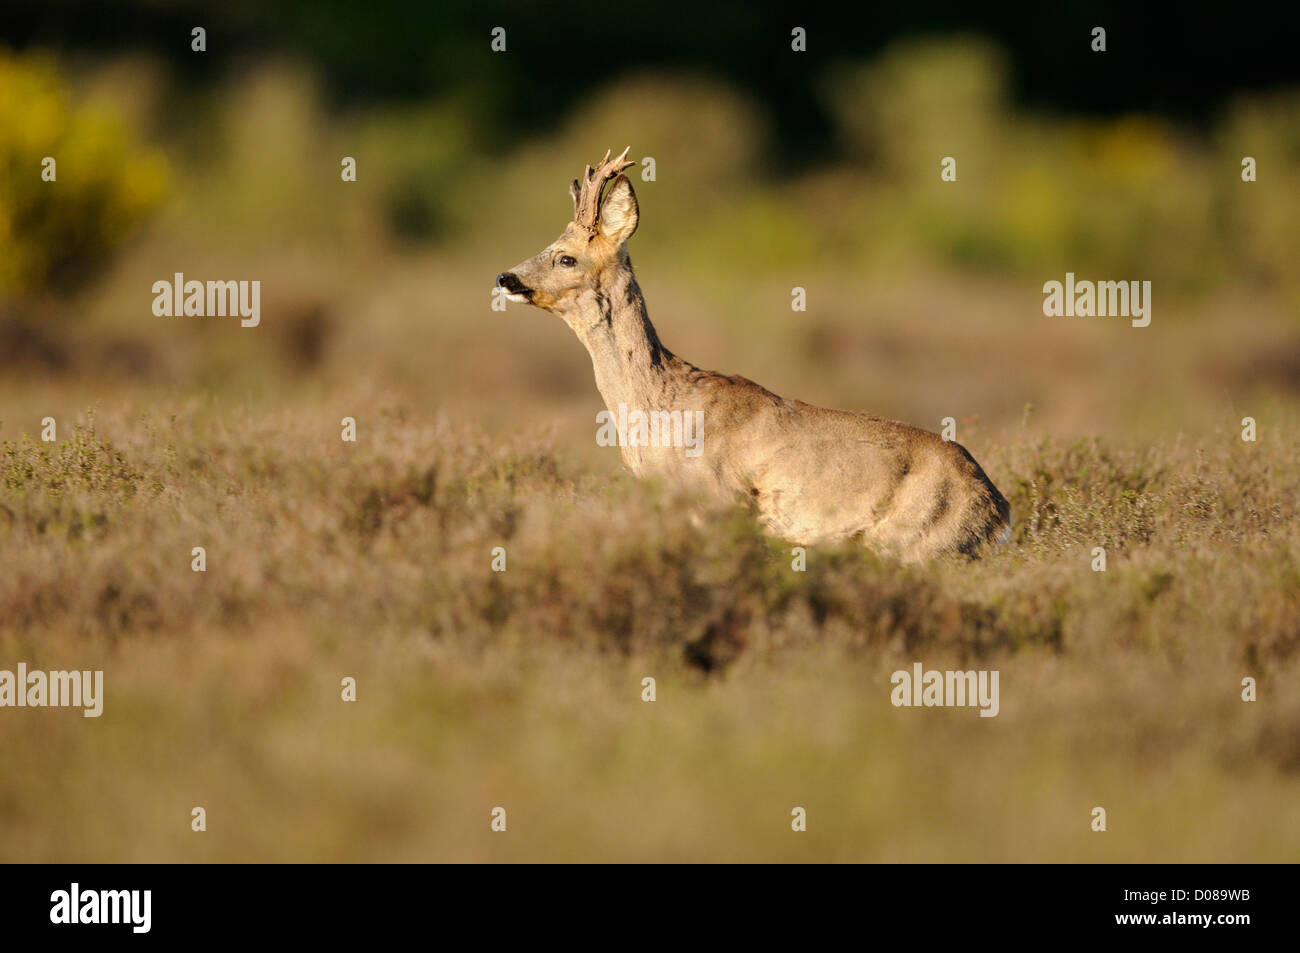 L'ouest de chevreuils (Capreolus capreolus) mâle debout parmi la bruyère, Holland, Mai Banque D'Images